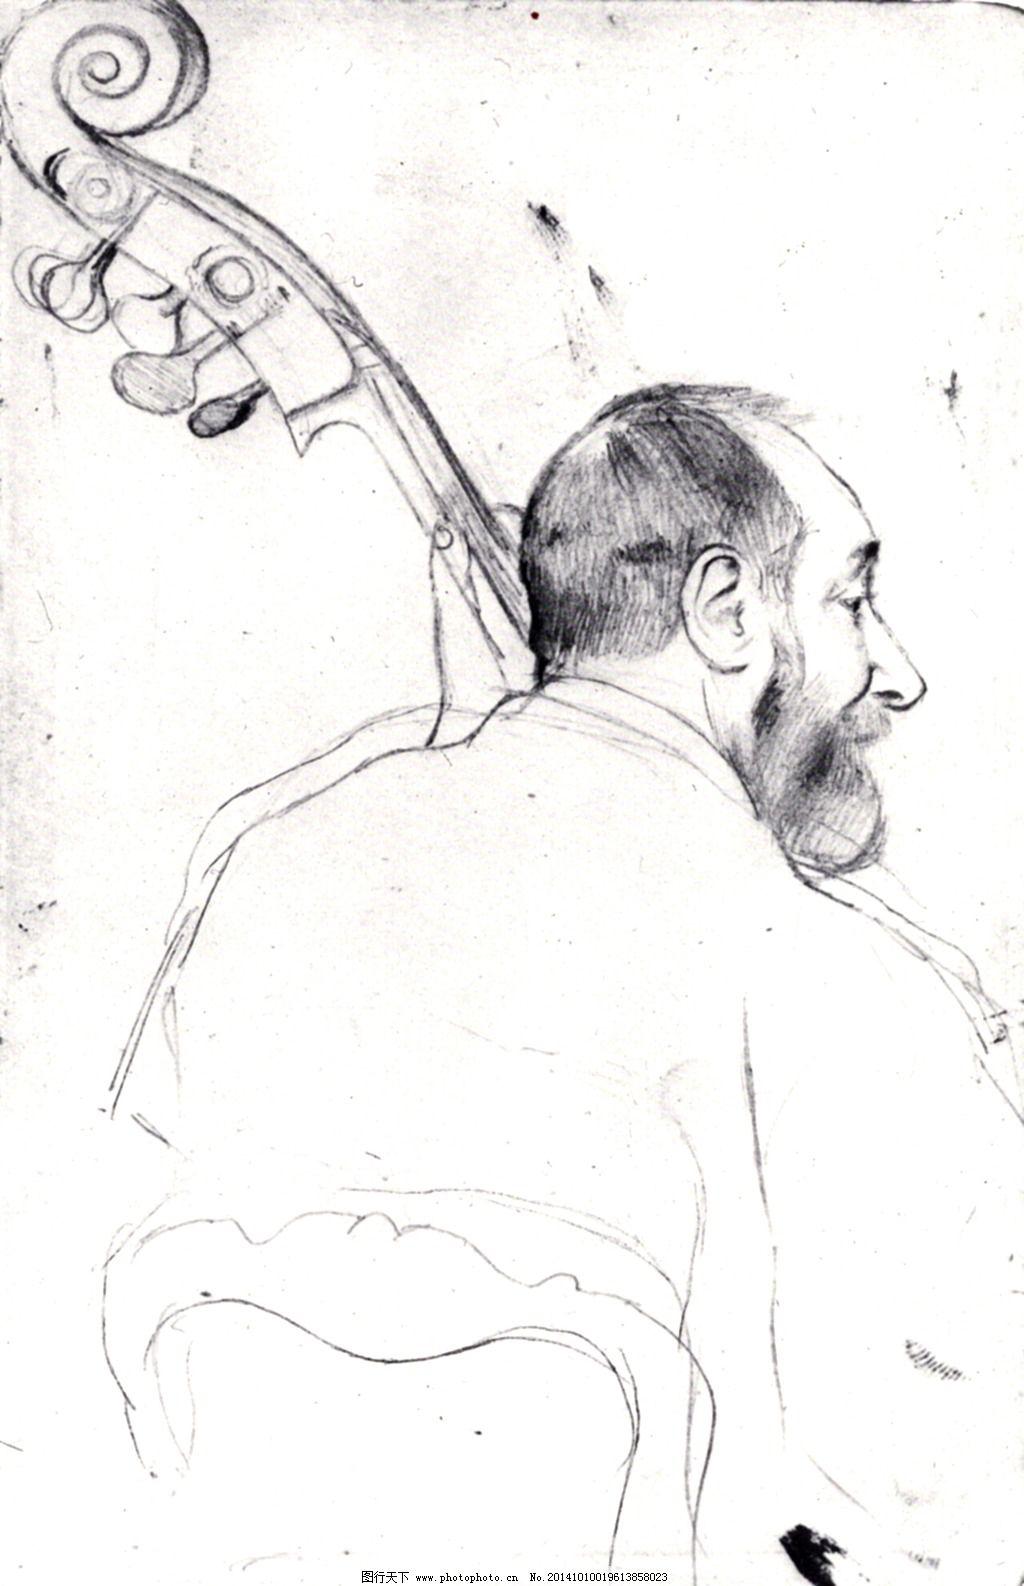 人物素描名画免费下载 名画 人物 手绘 素描 素描 人物 名画 手绘